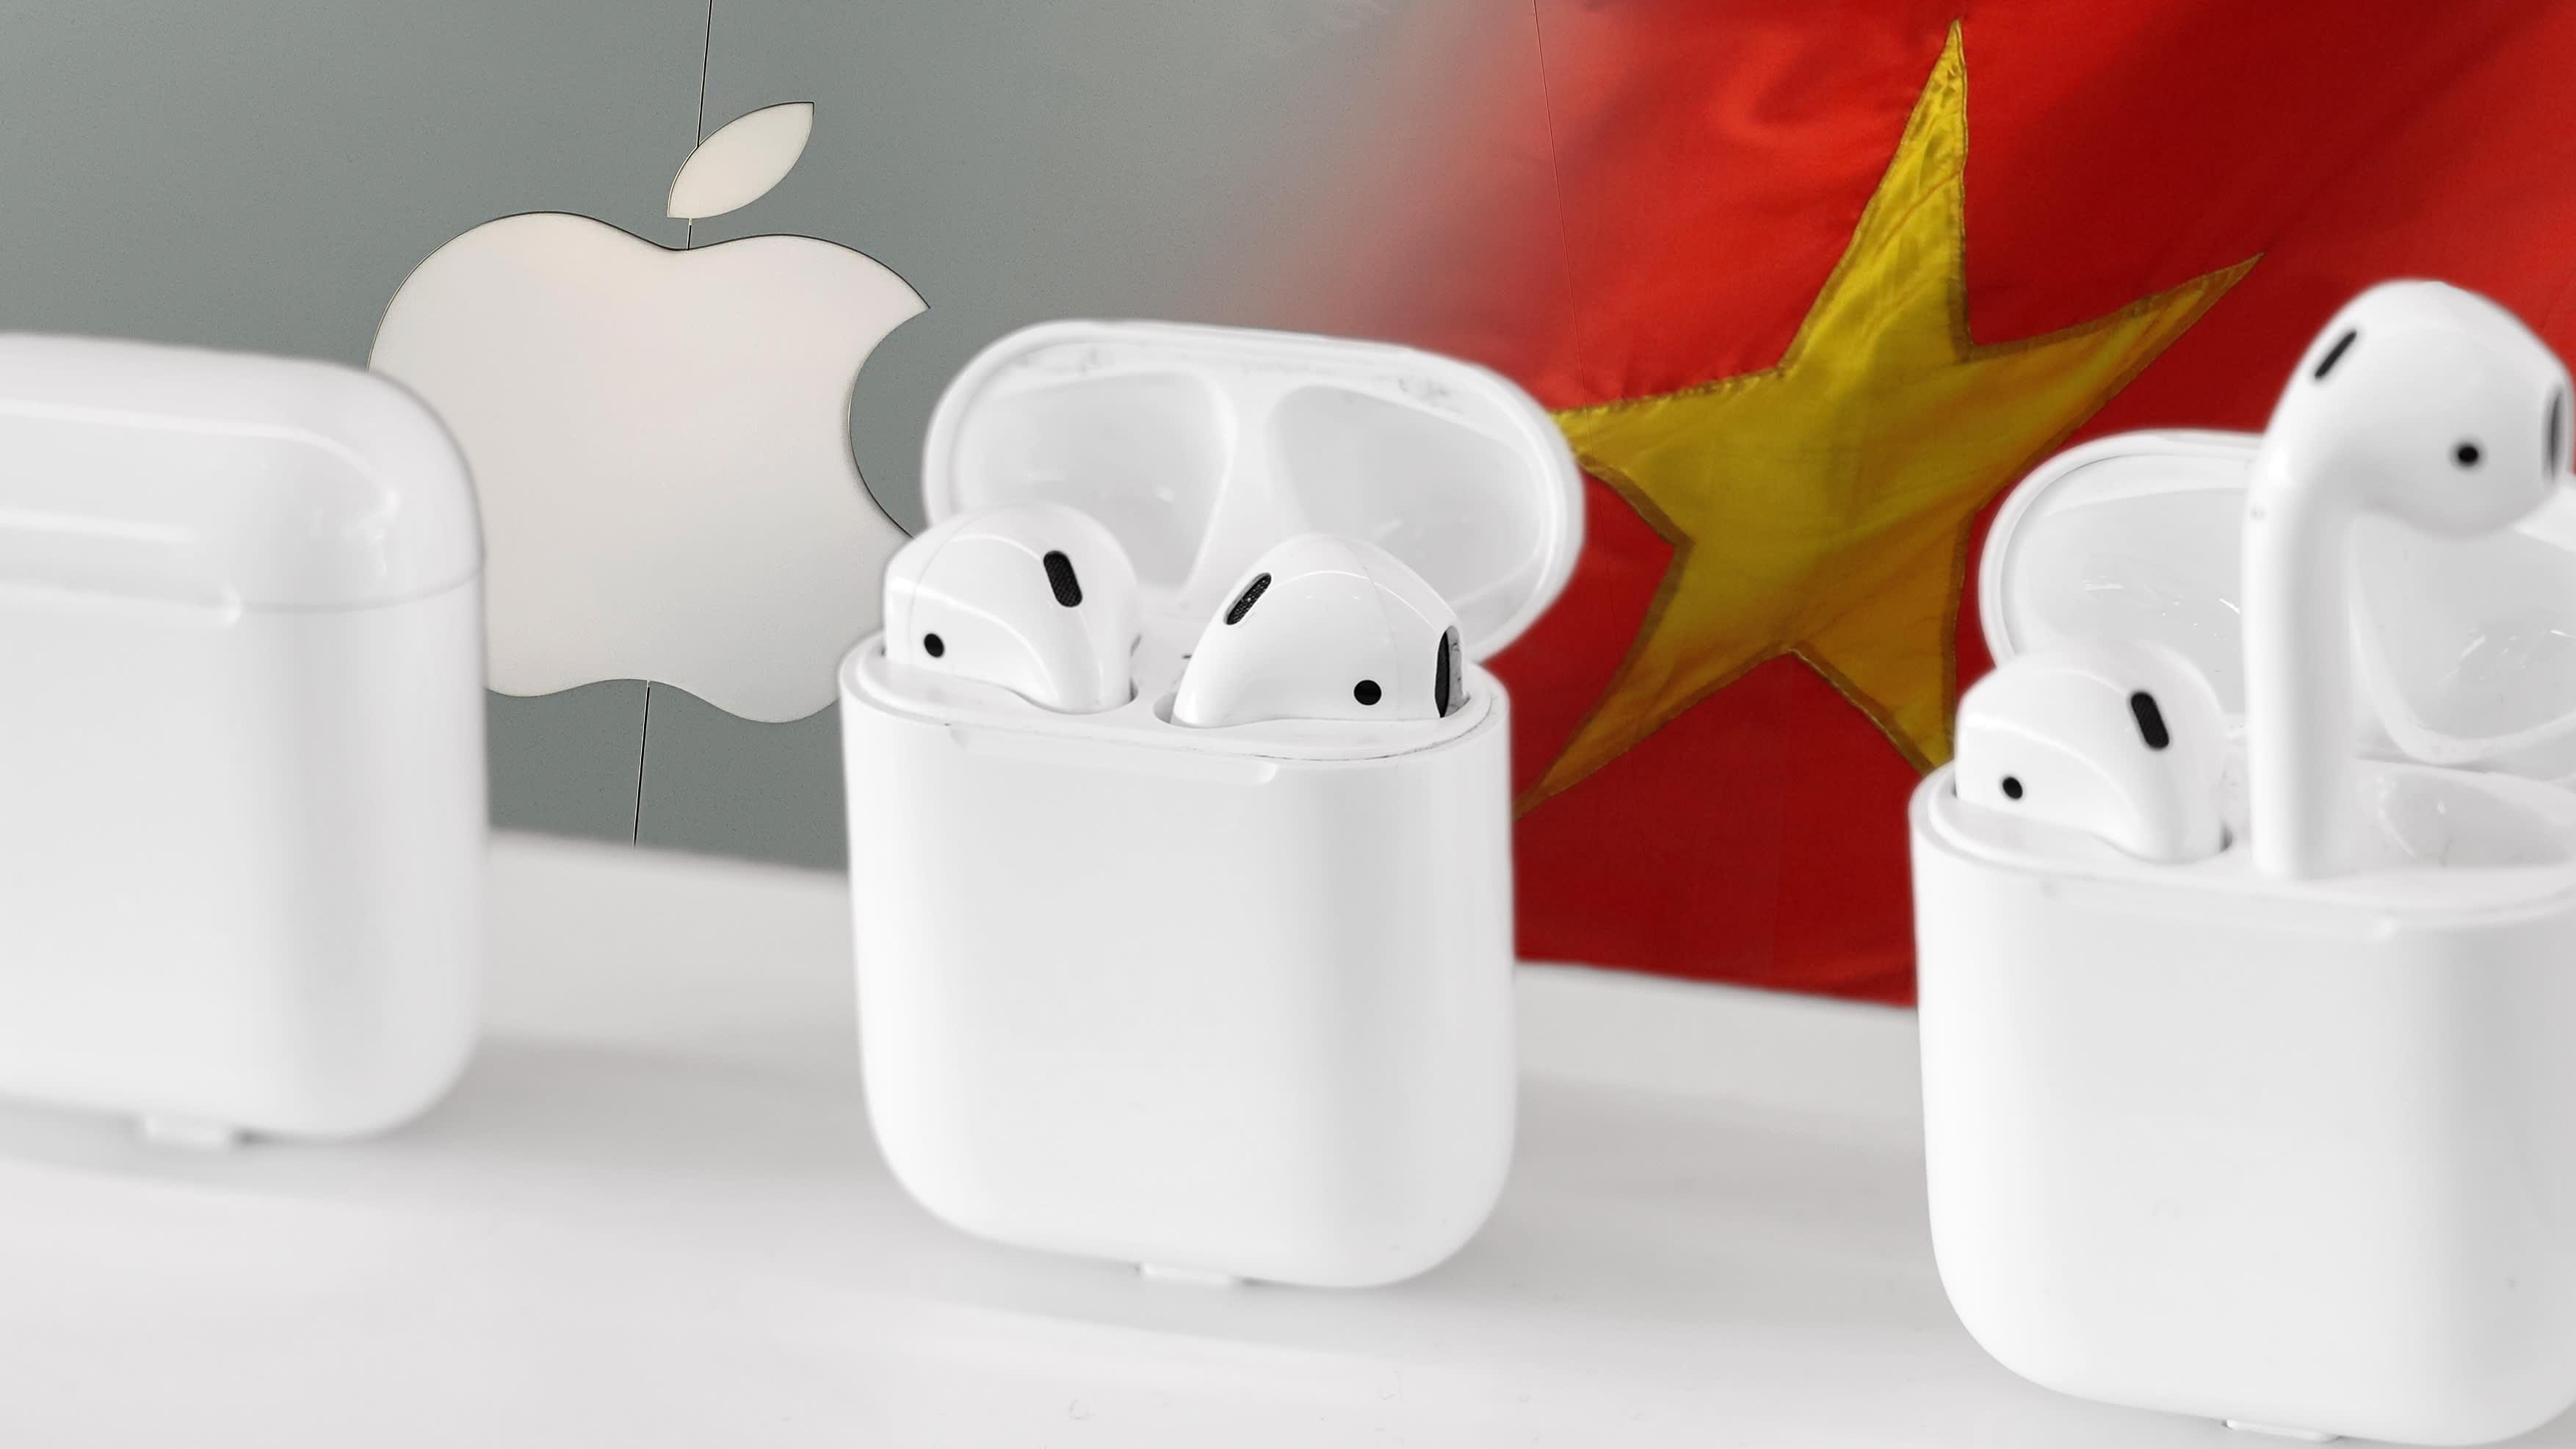 Đối tác của Apple chuyển sản xuất AirPods mới từ Việt Nam sang Trung Quốc